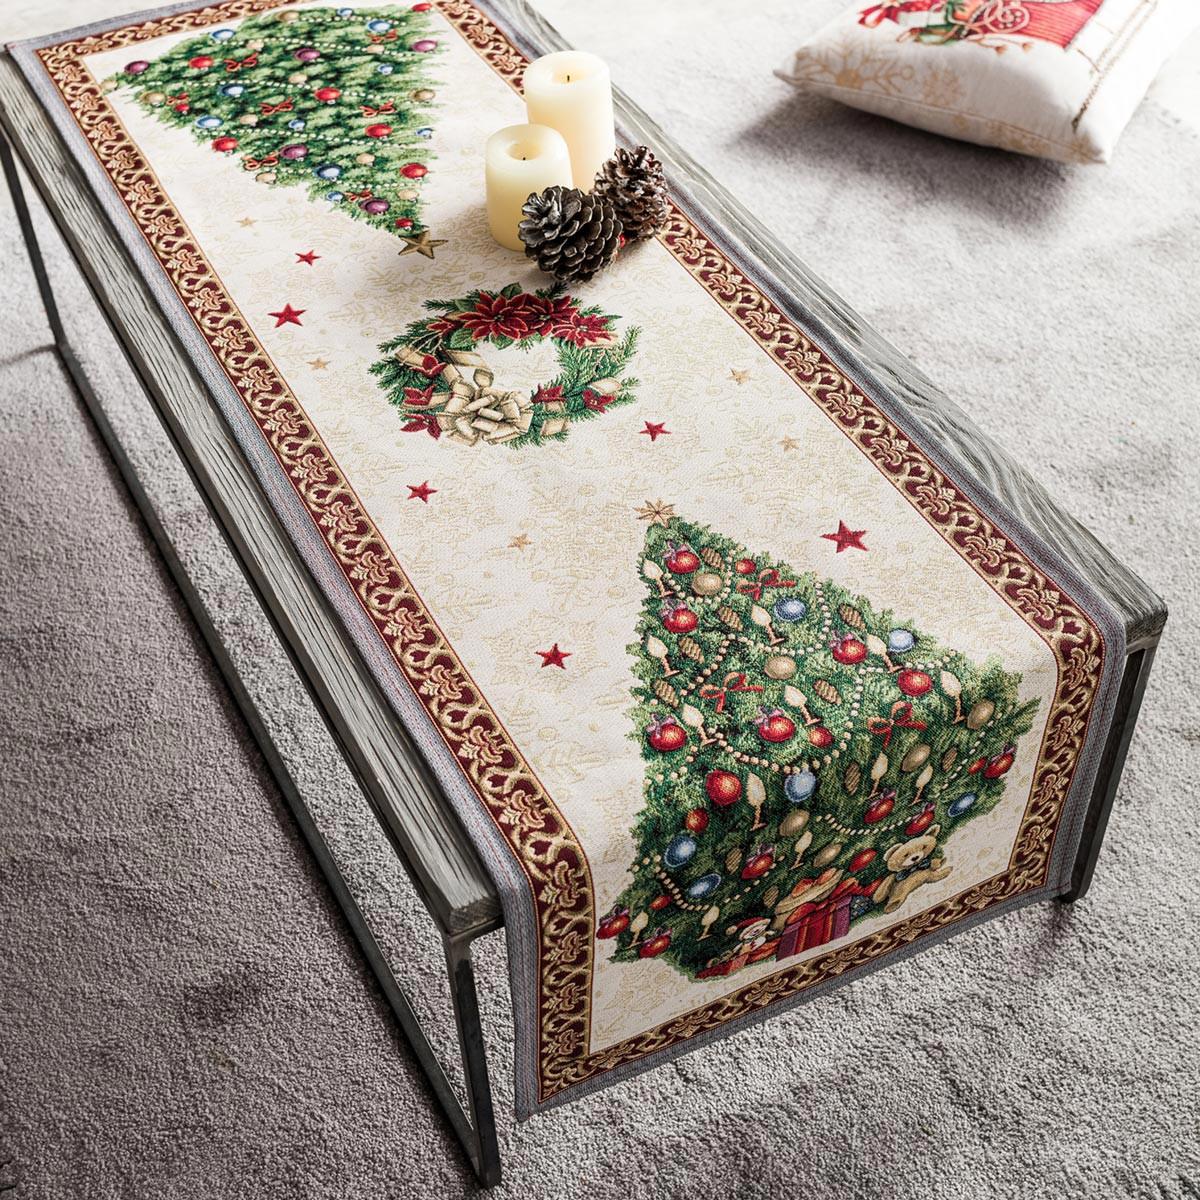 Χριστουγεννιάτικη Τραβέρσα (45×140) Gofis Home 718